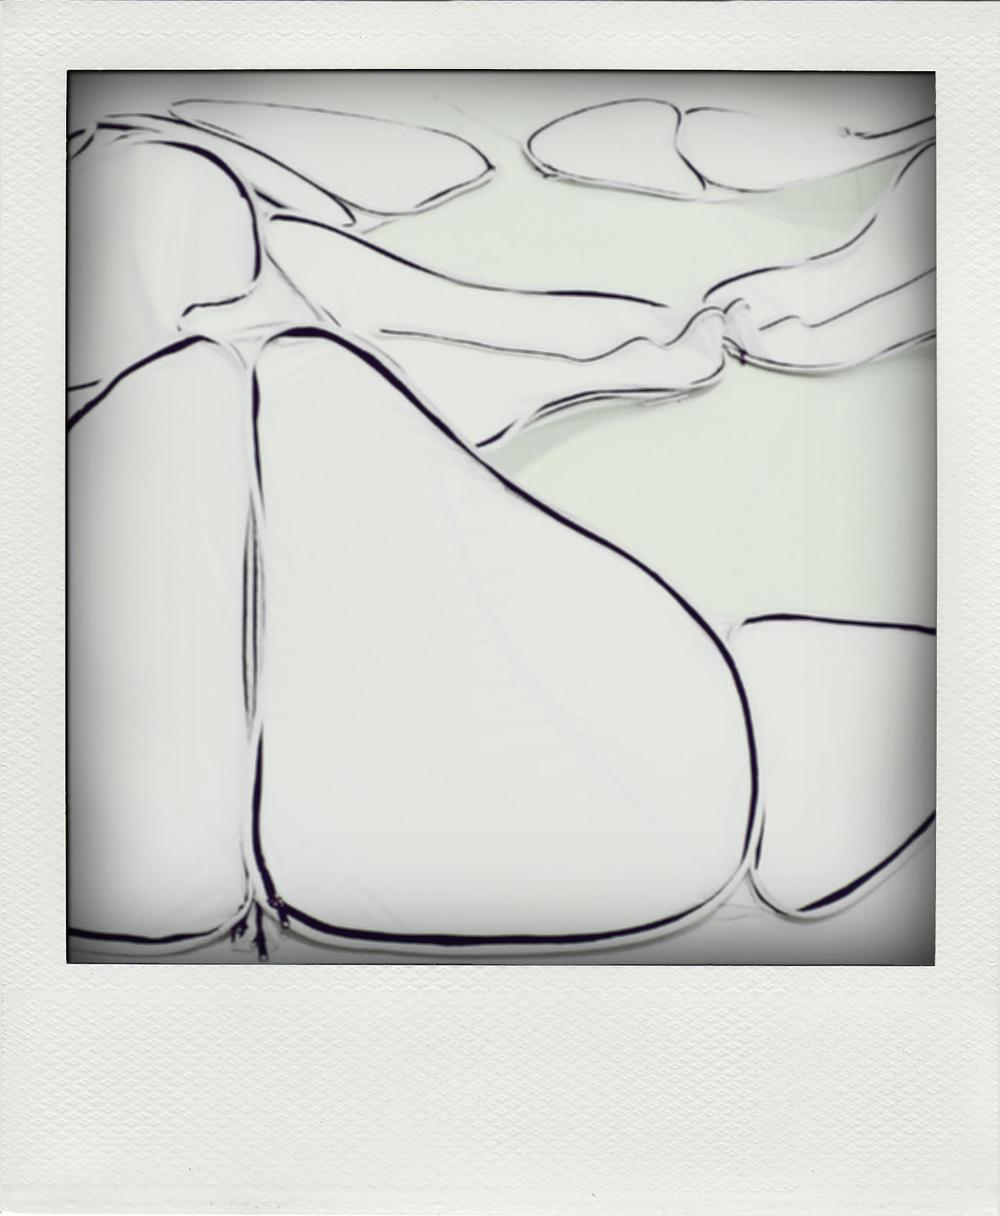 petal_06.jpg